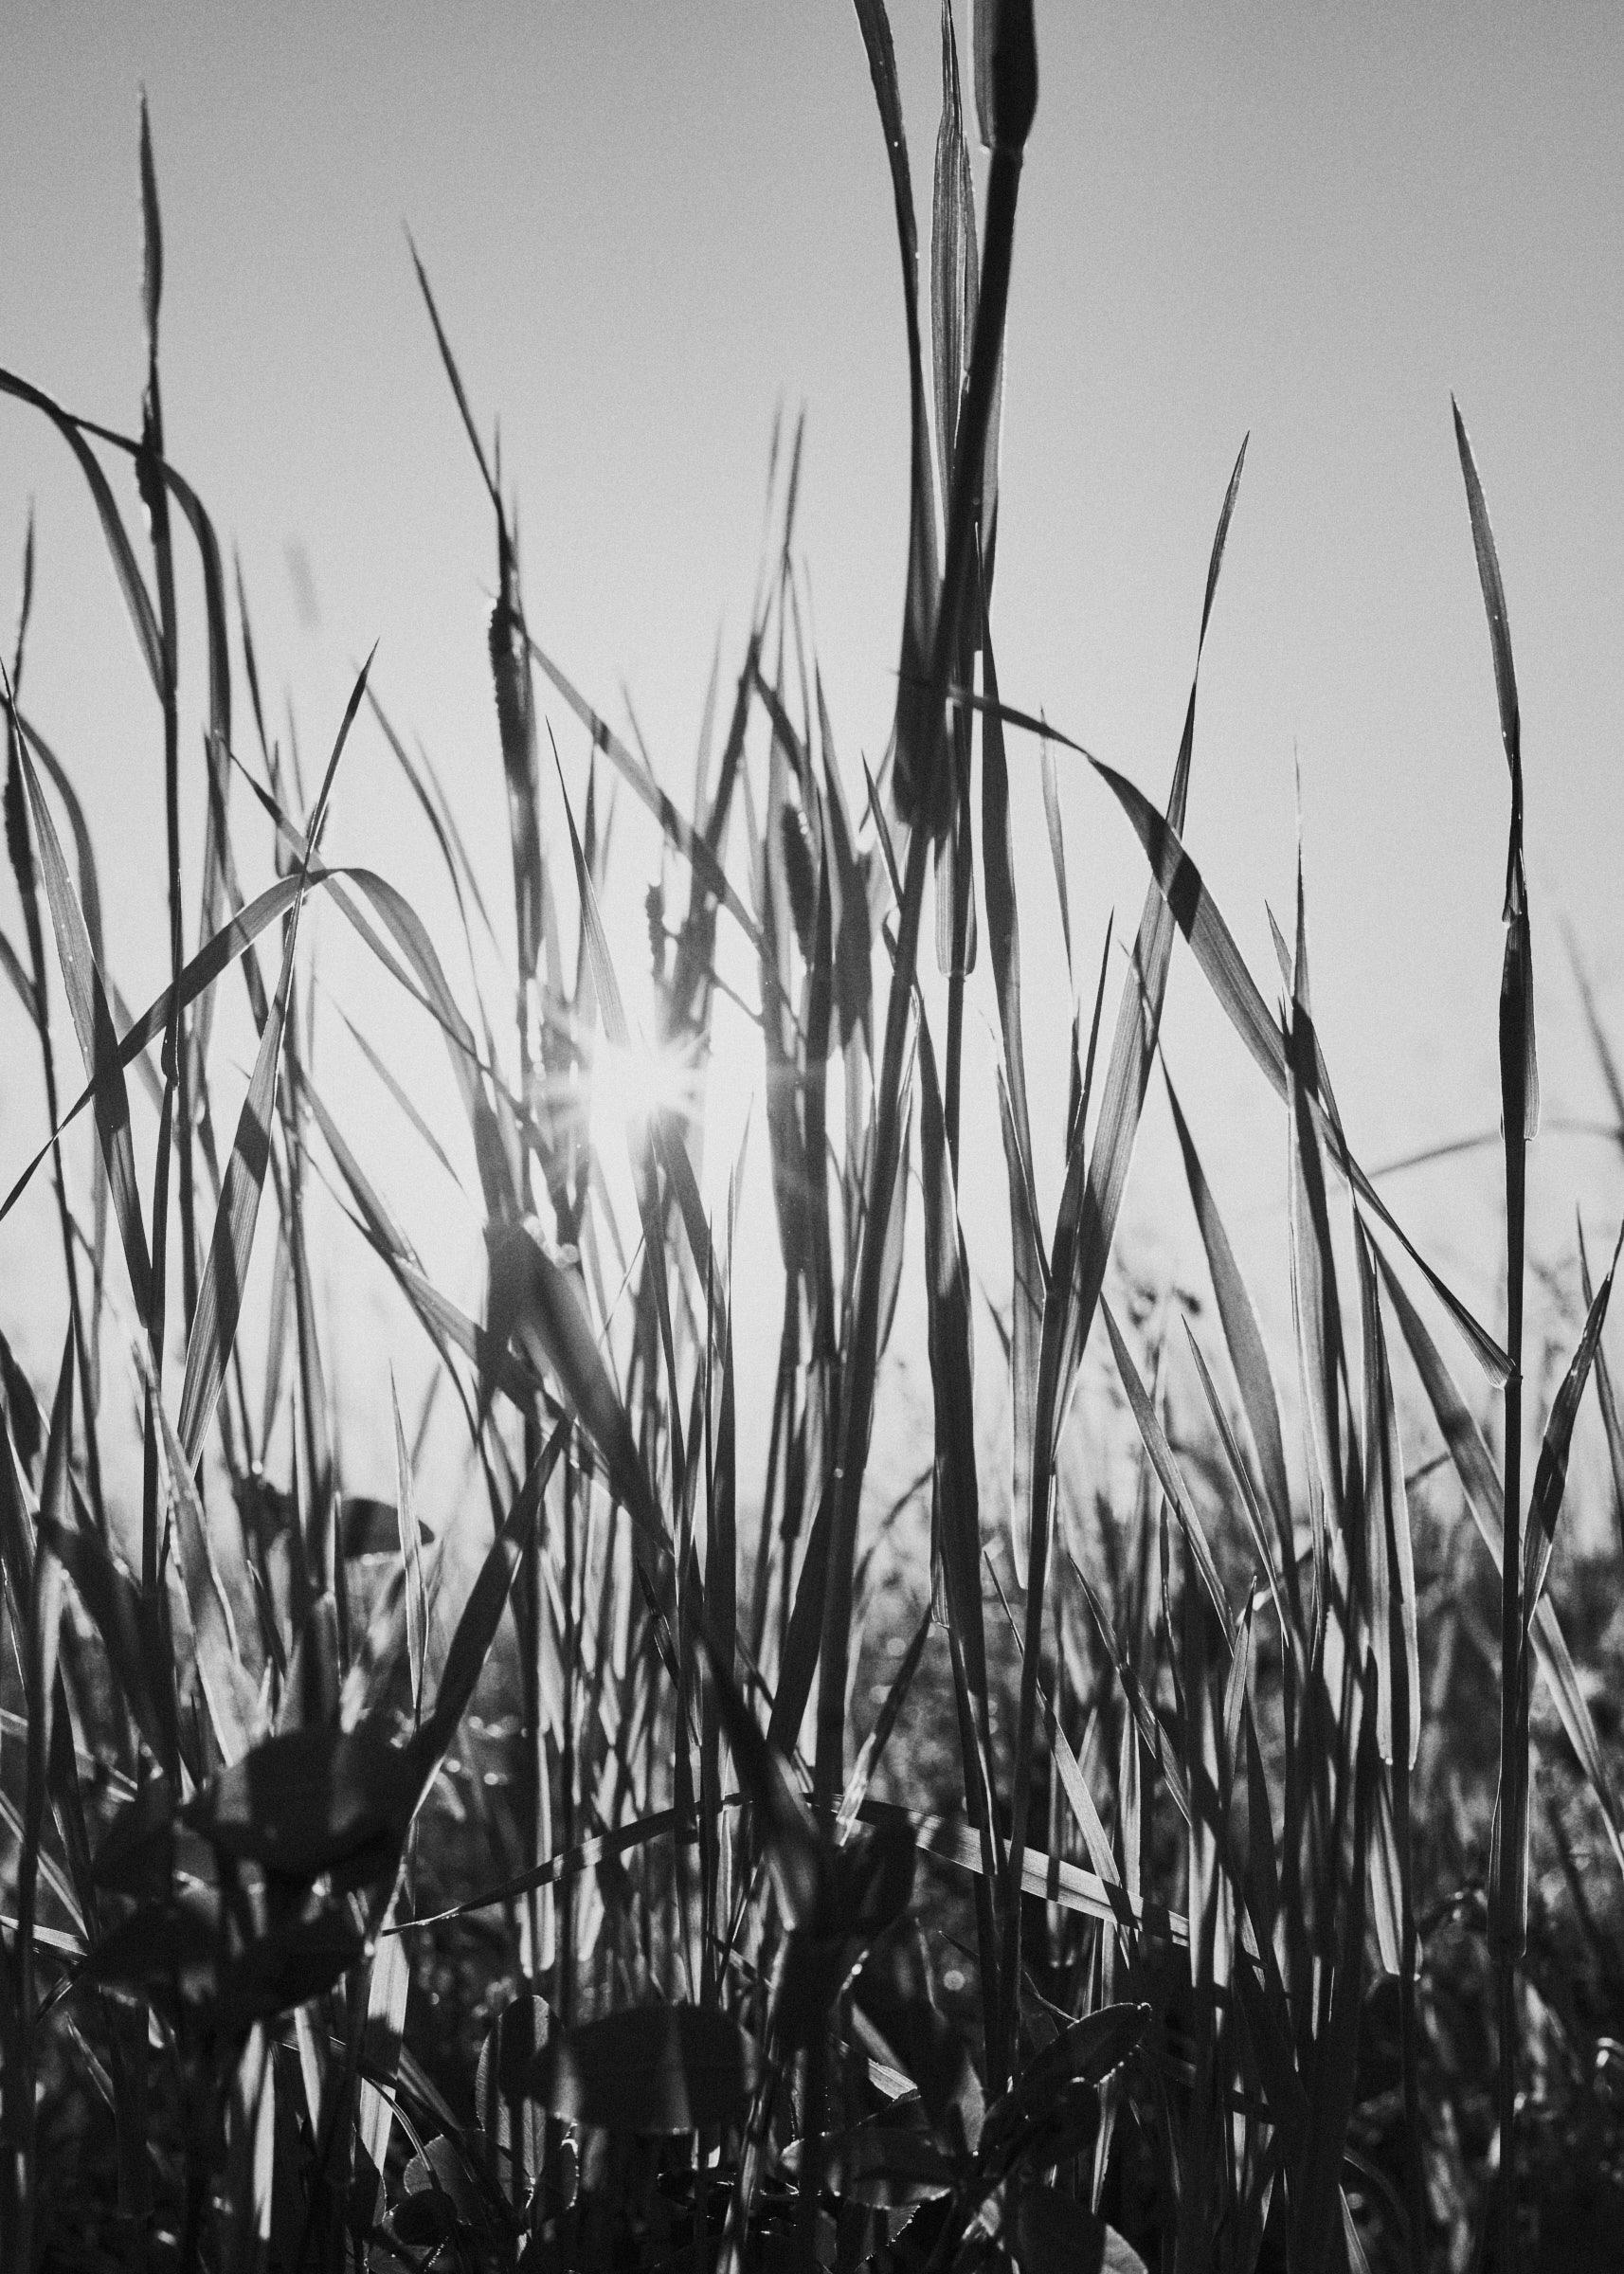 Landscape_DSC9826_KRISTOFER SAMUELSSON PHOTOGRAPHY.jpg